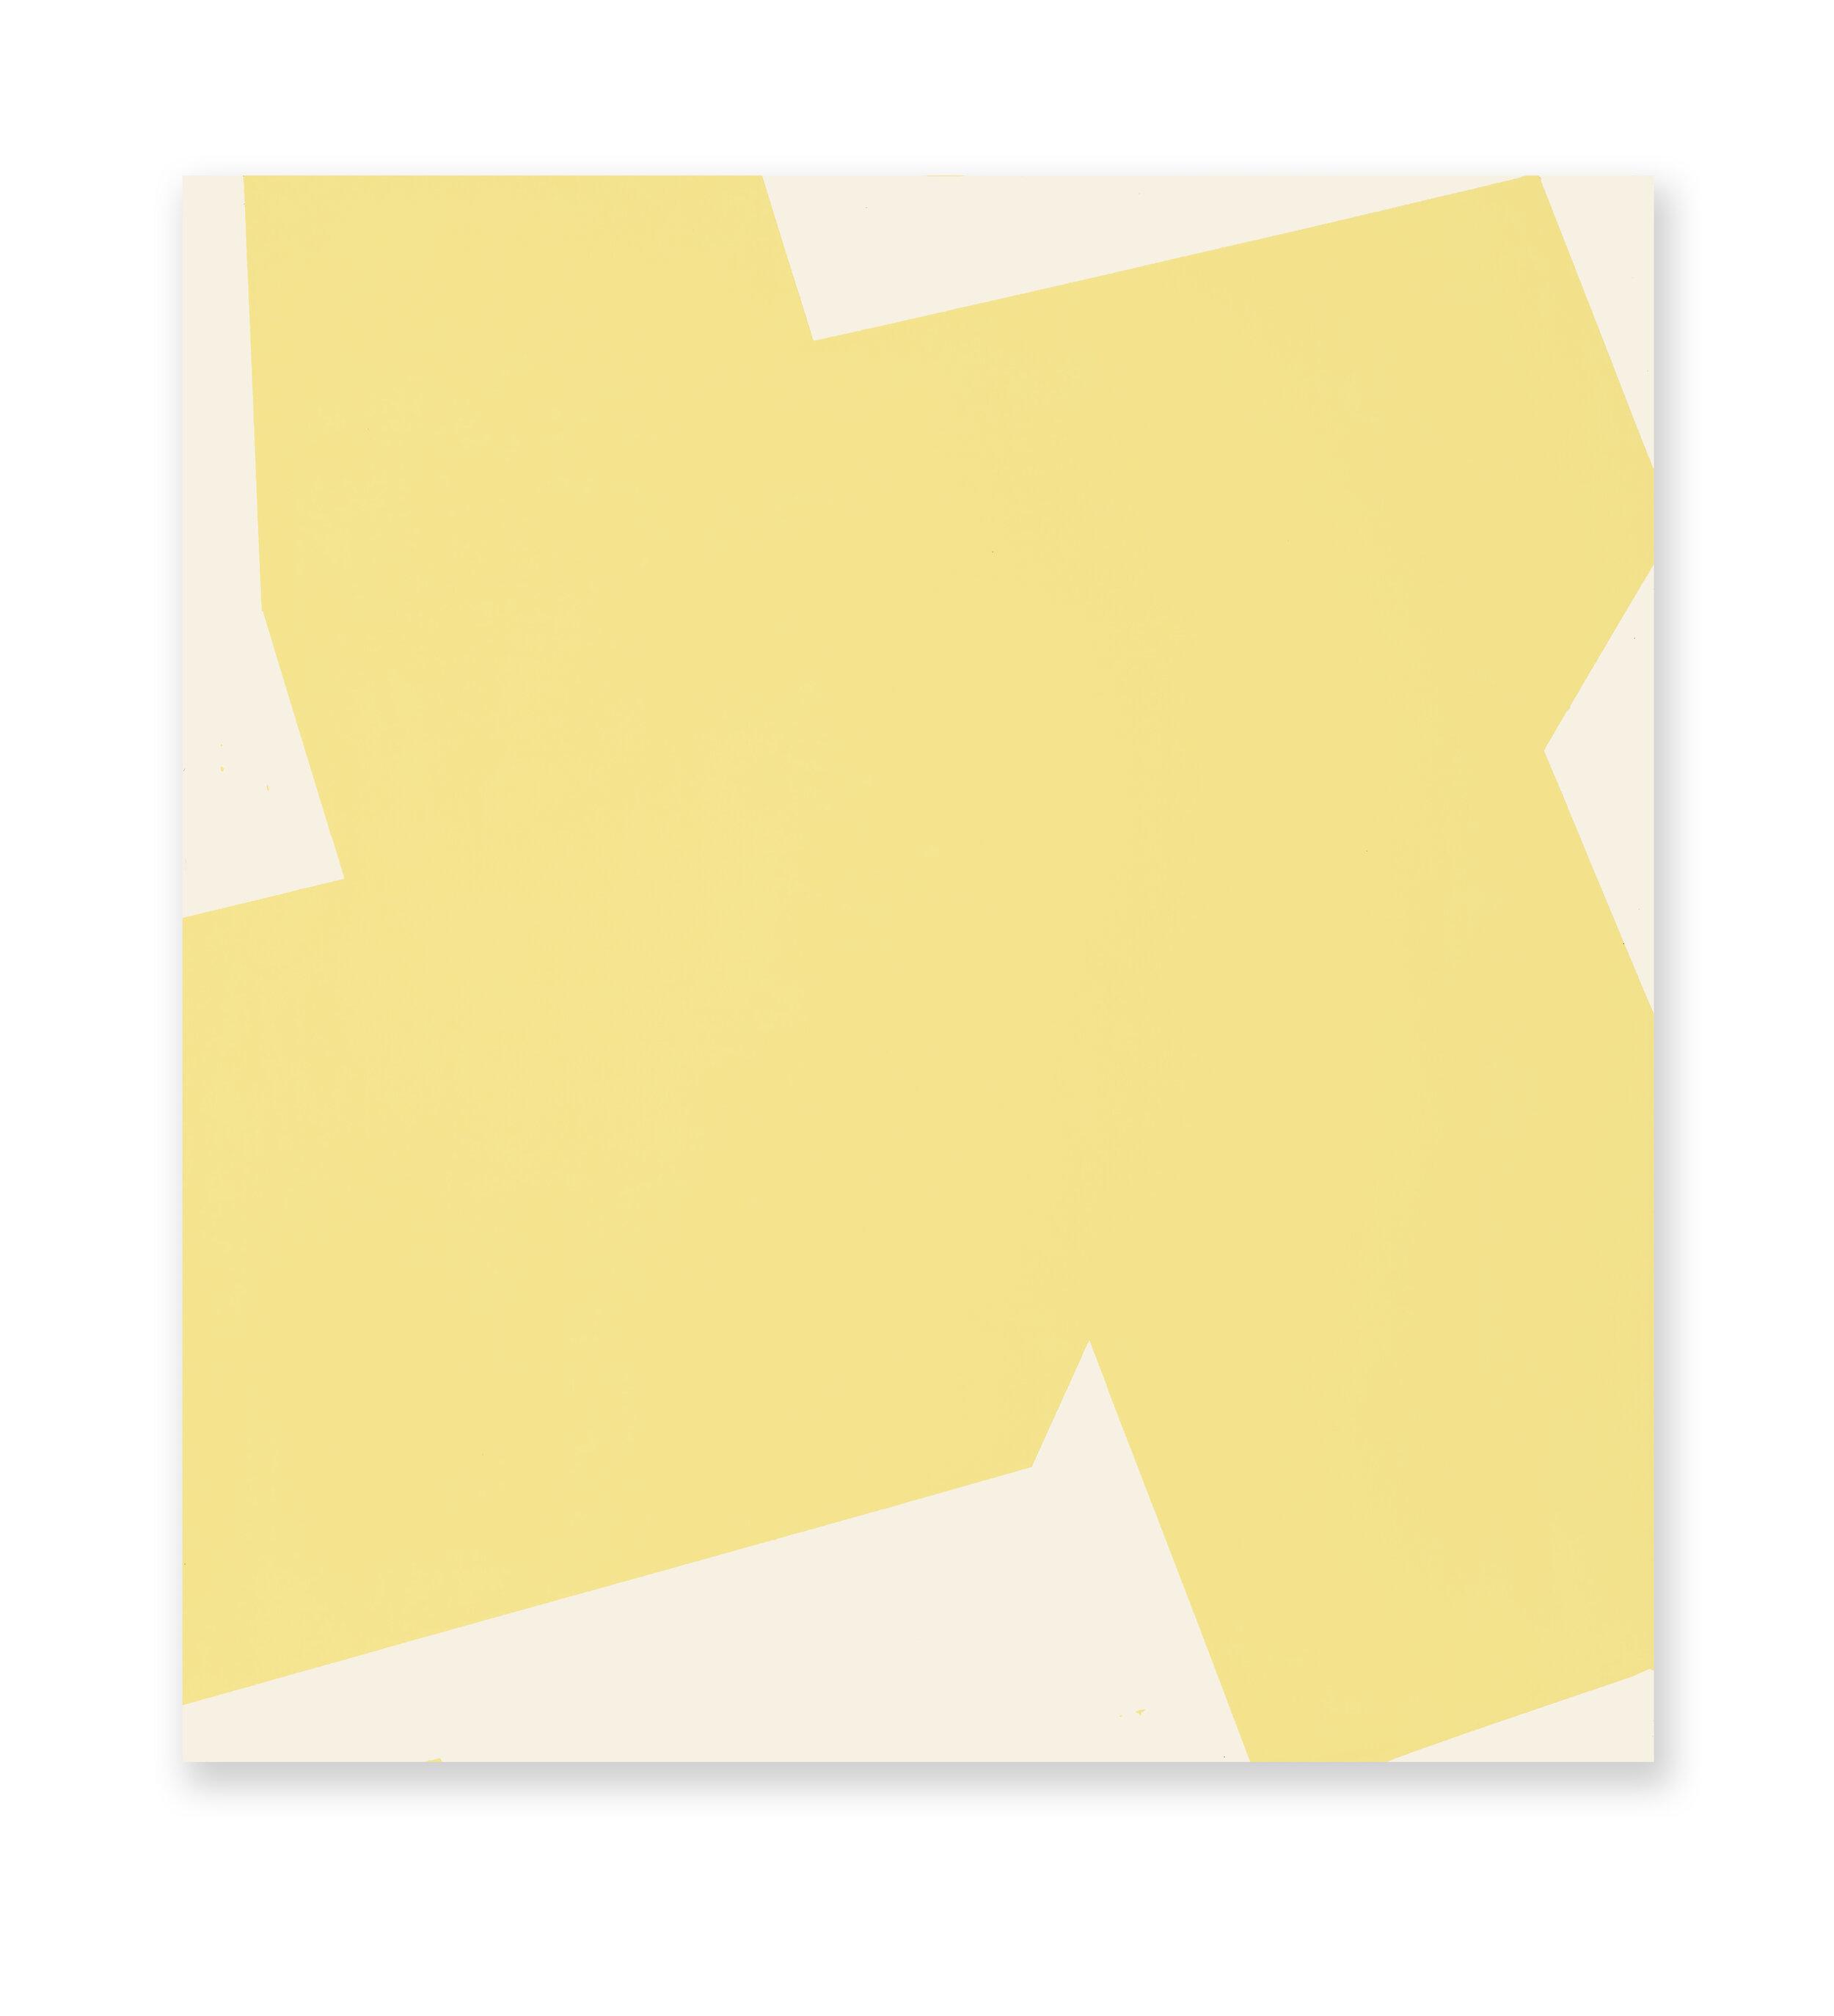 Shade Yellow 3